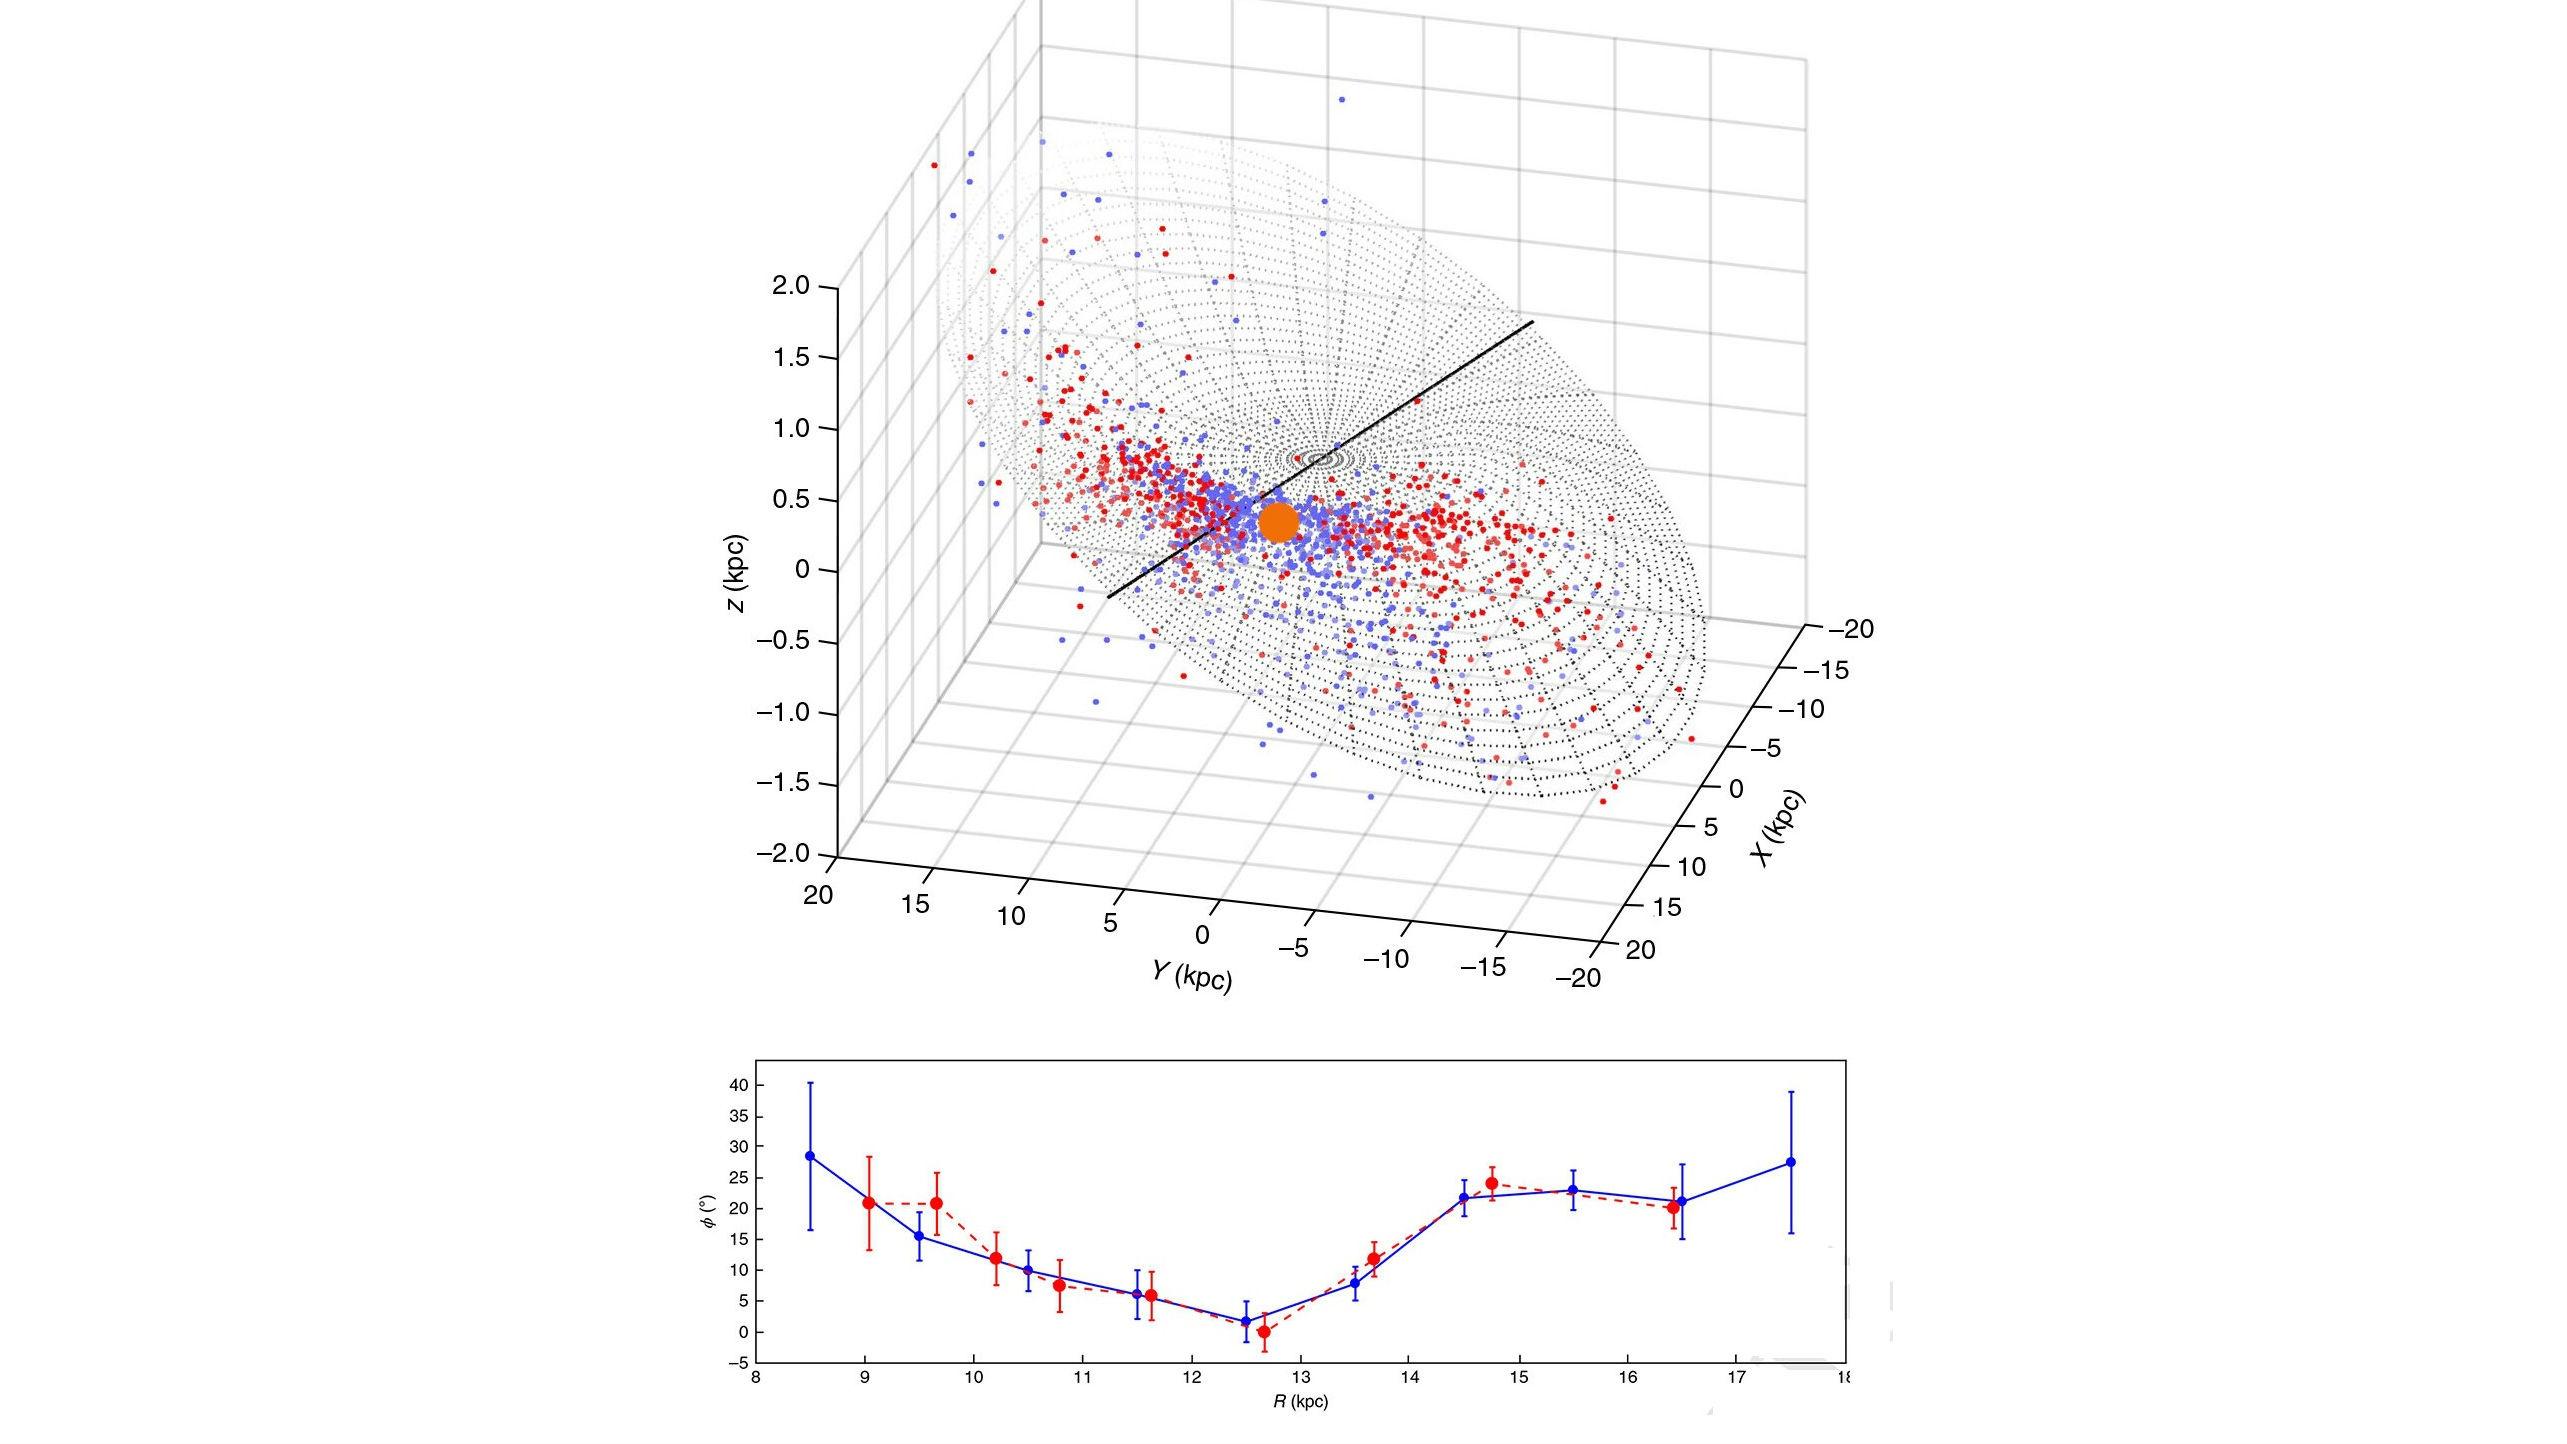 Геометрия Млечного Пути по данным исследователей.